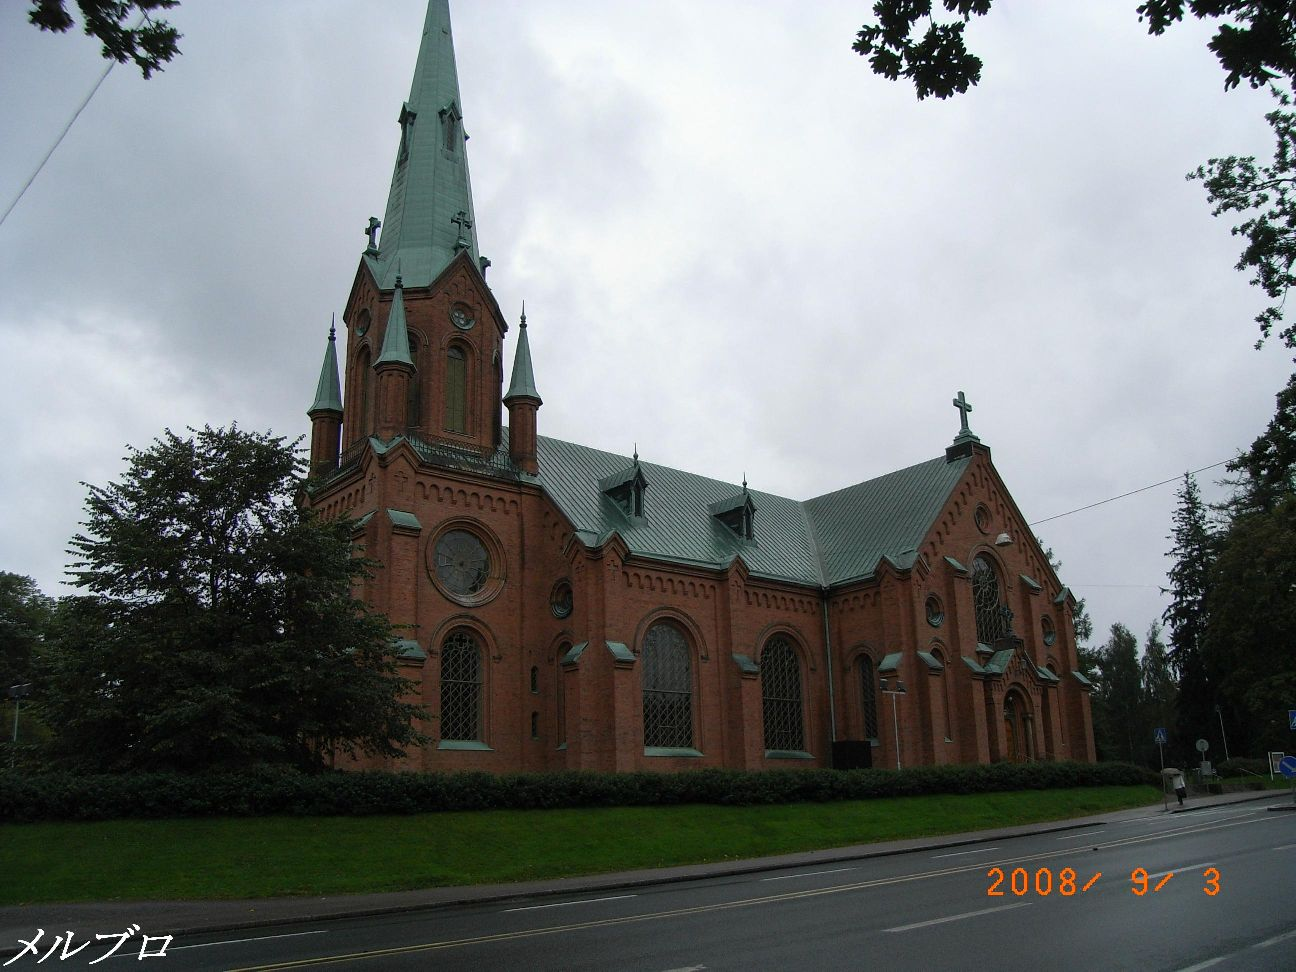 アレキサンダー教会